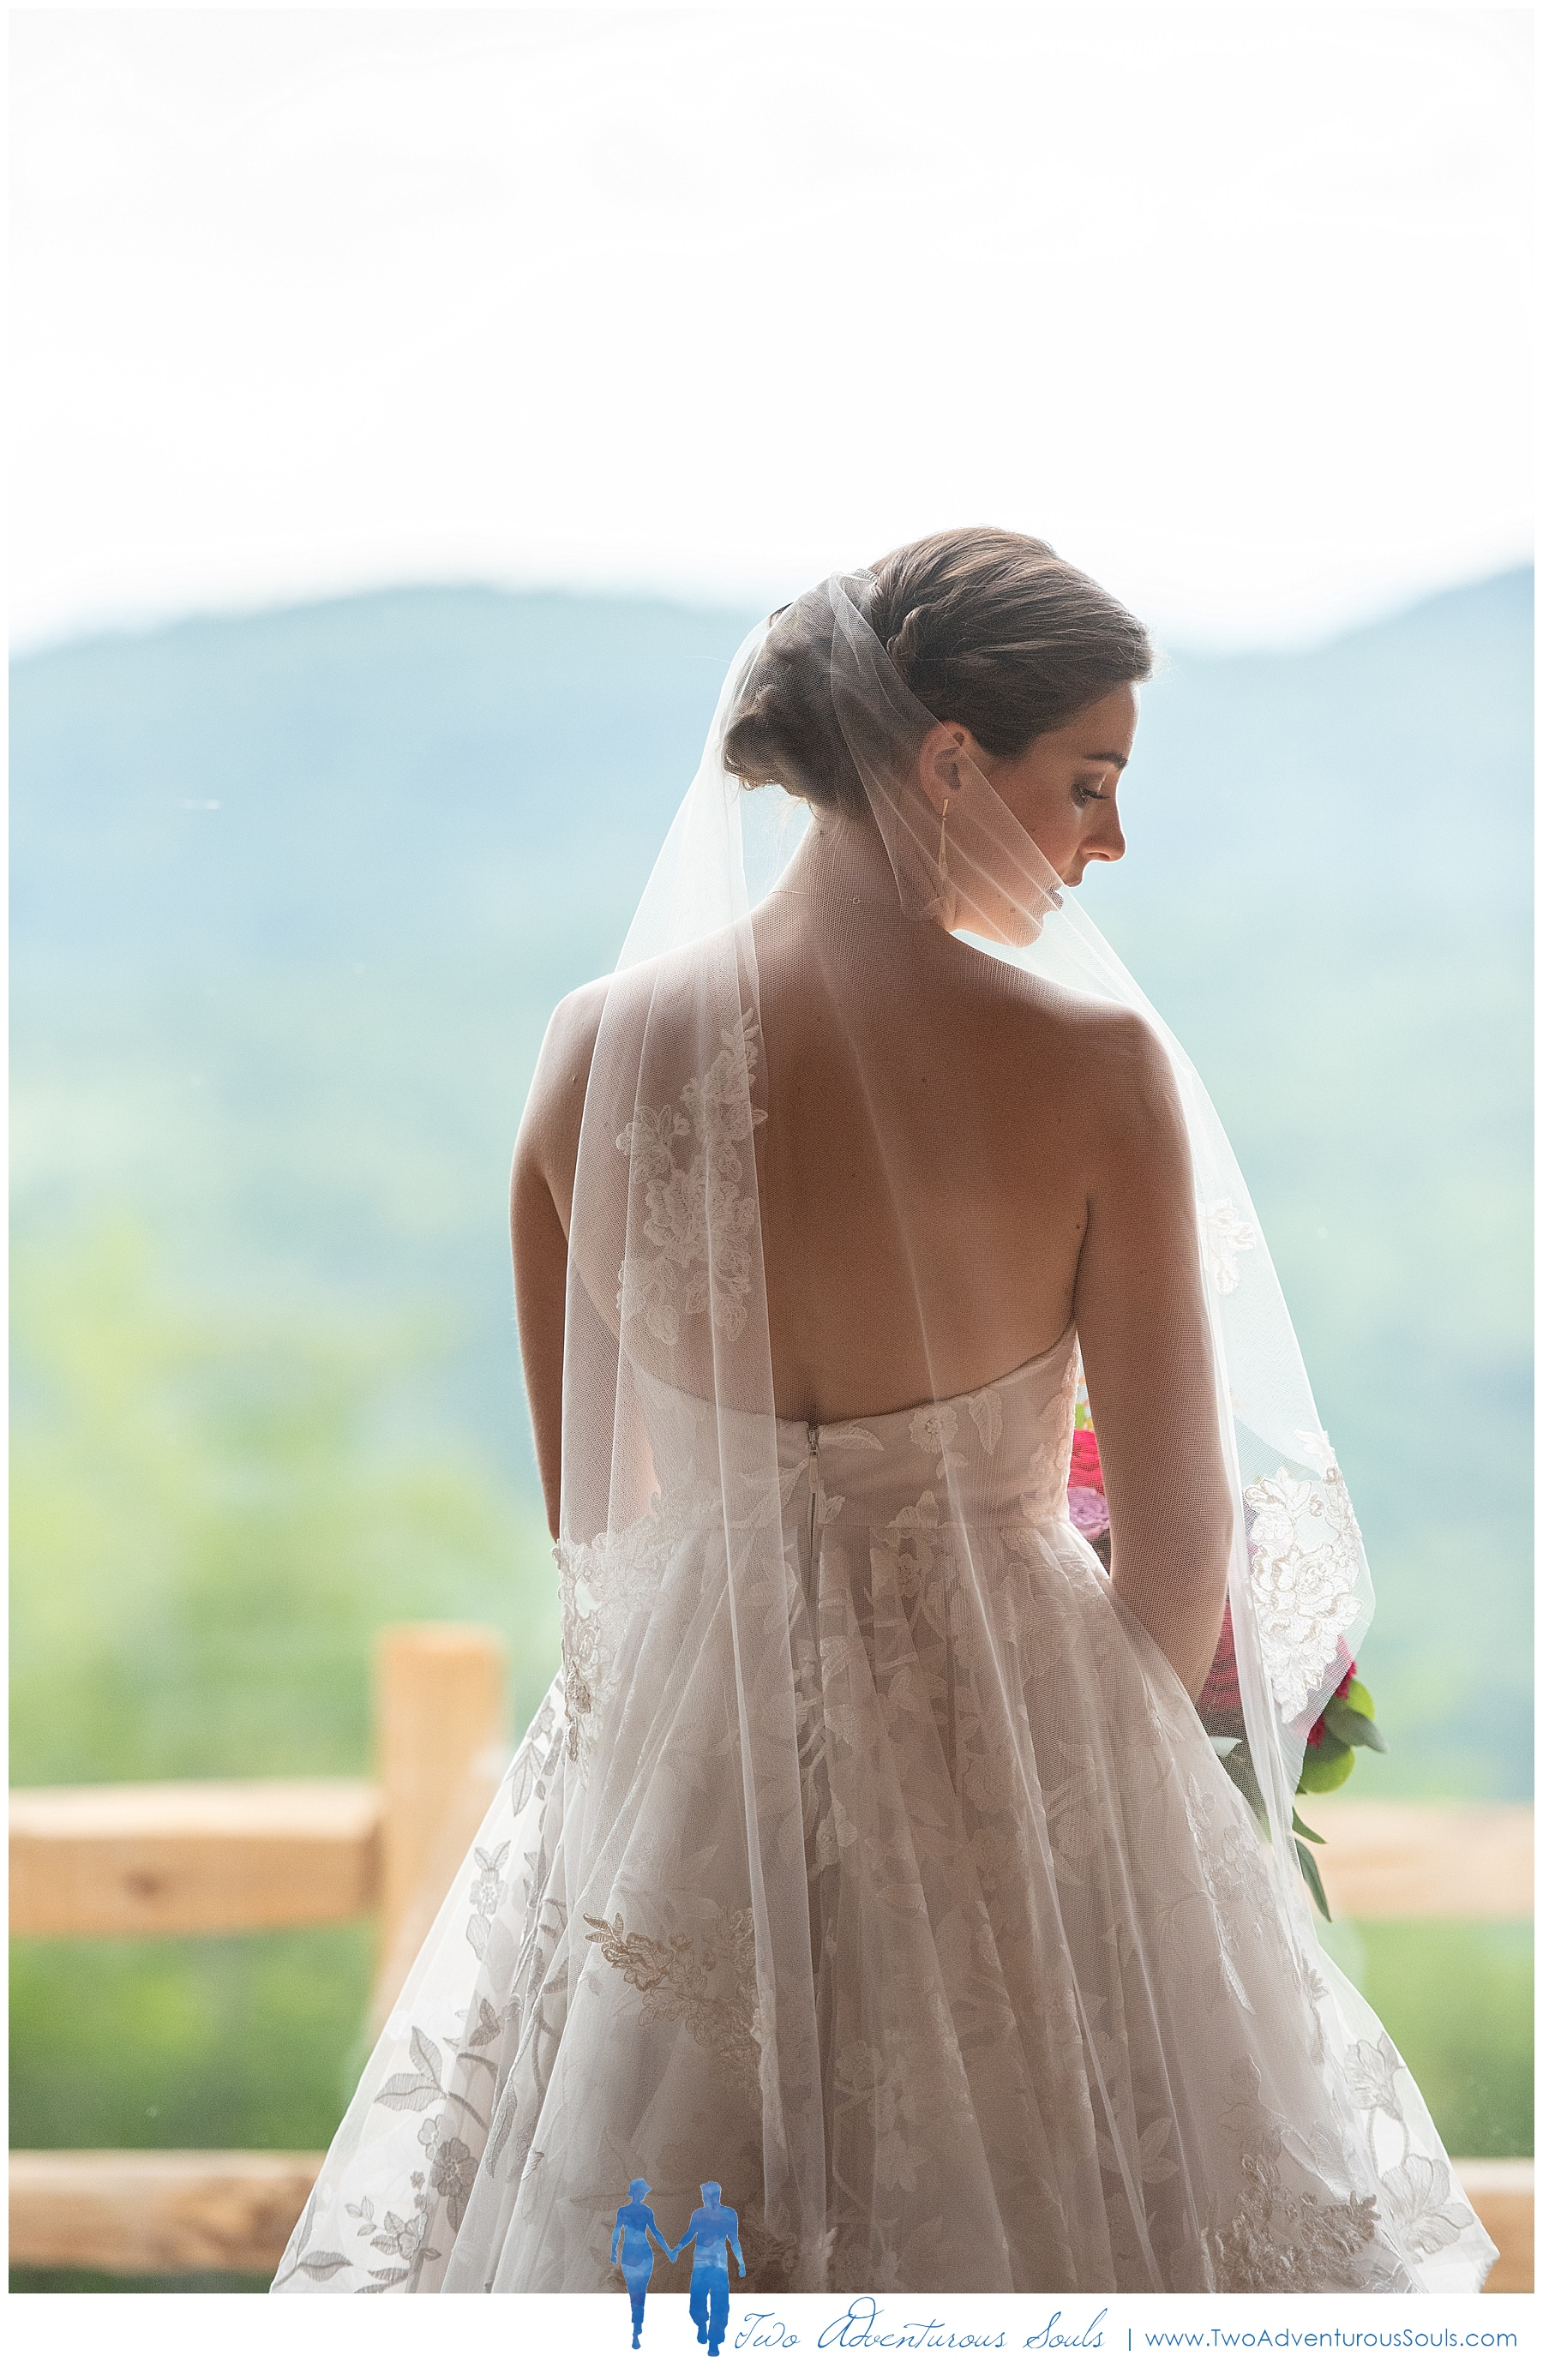 Maine Wedding Photographers, Granite Ridge Estate Wedding Photographers, Two Adventurous Souls - 080319_0032.jpg